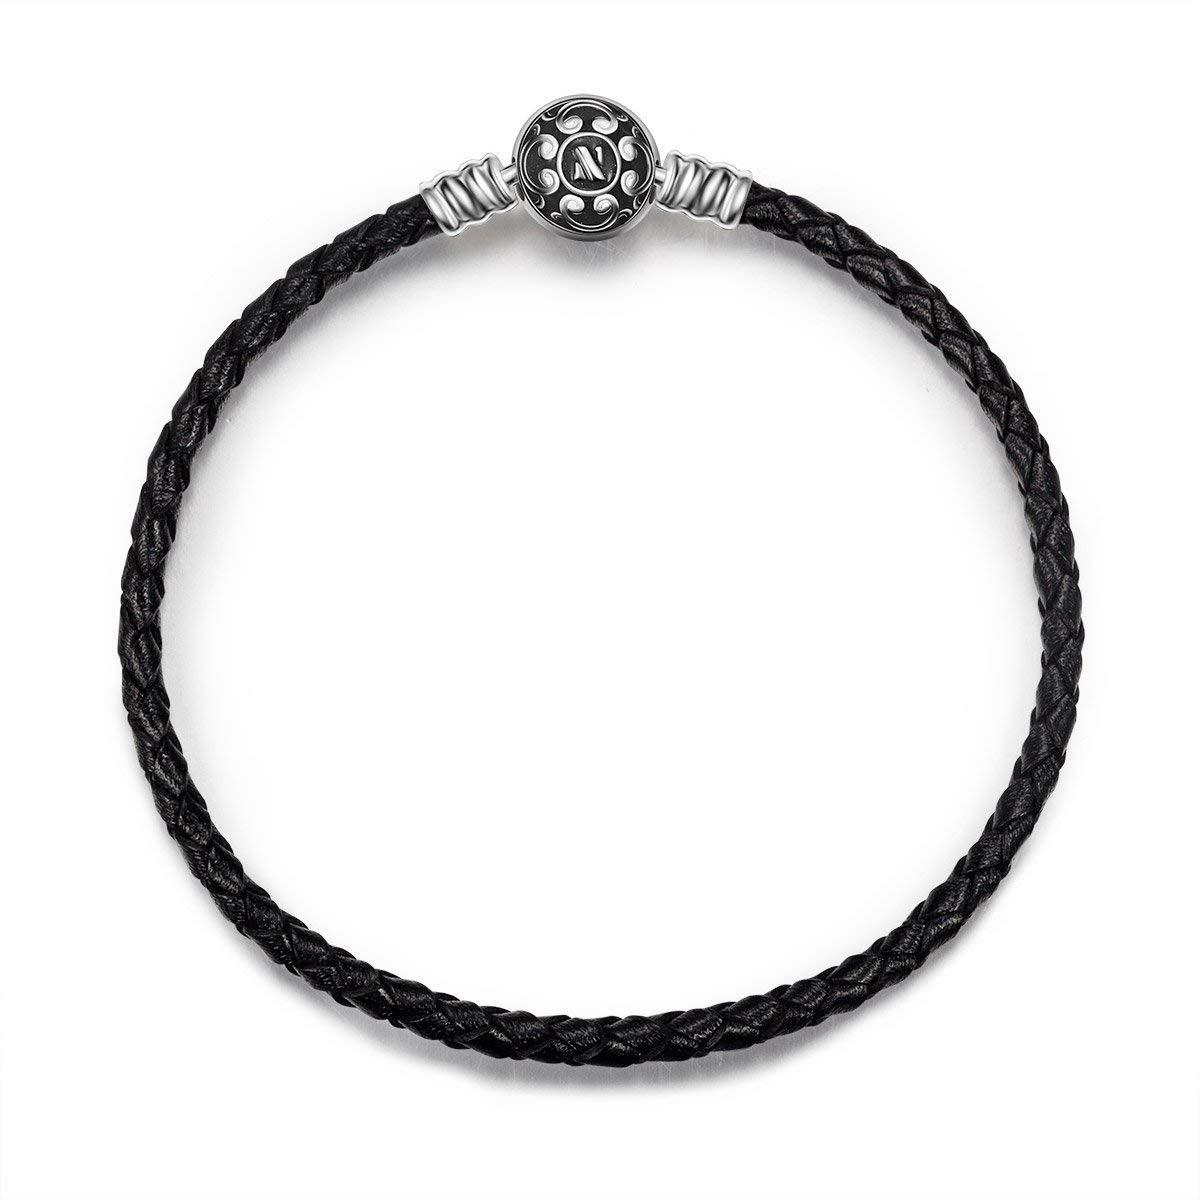 NINAQUEEN Charms Bracelet pour femme argent PU & 925 Black 19cm, Livré dans Une Boîte Cadeau Bijoux, Test Sgs Passé sans Nickel, sans Allergène NQB5377BB-XJ